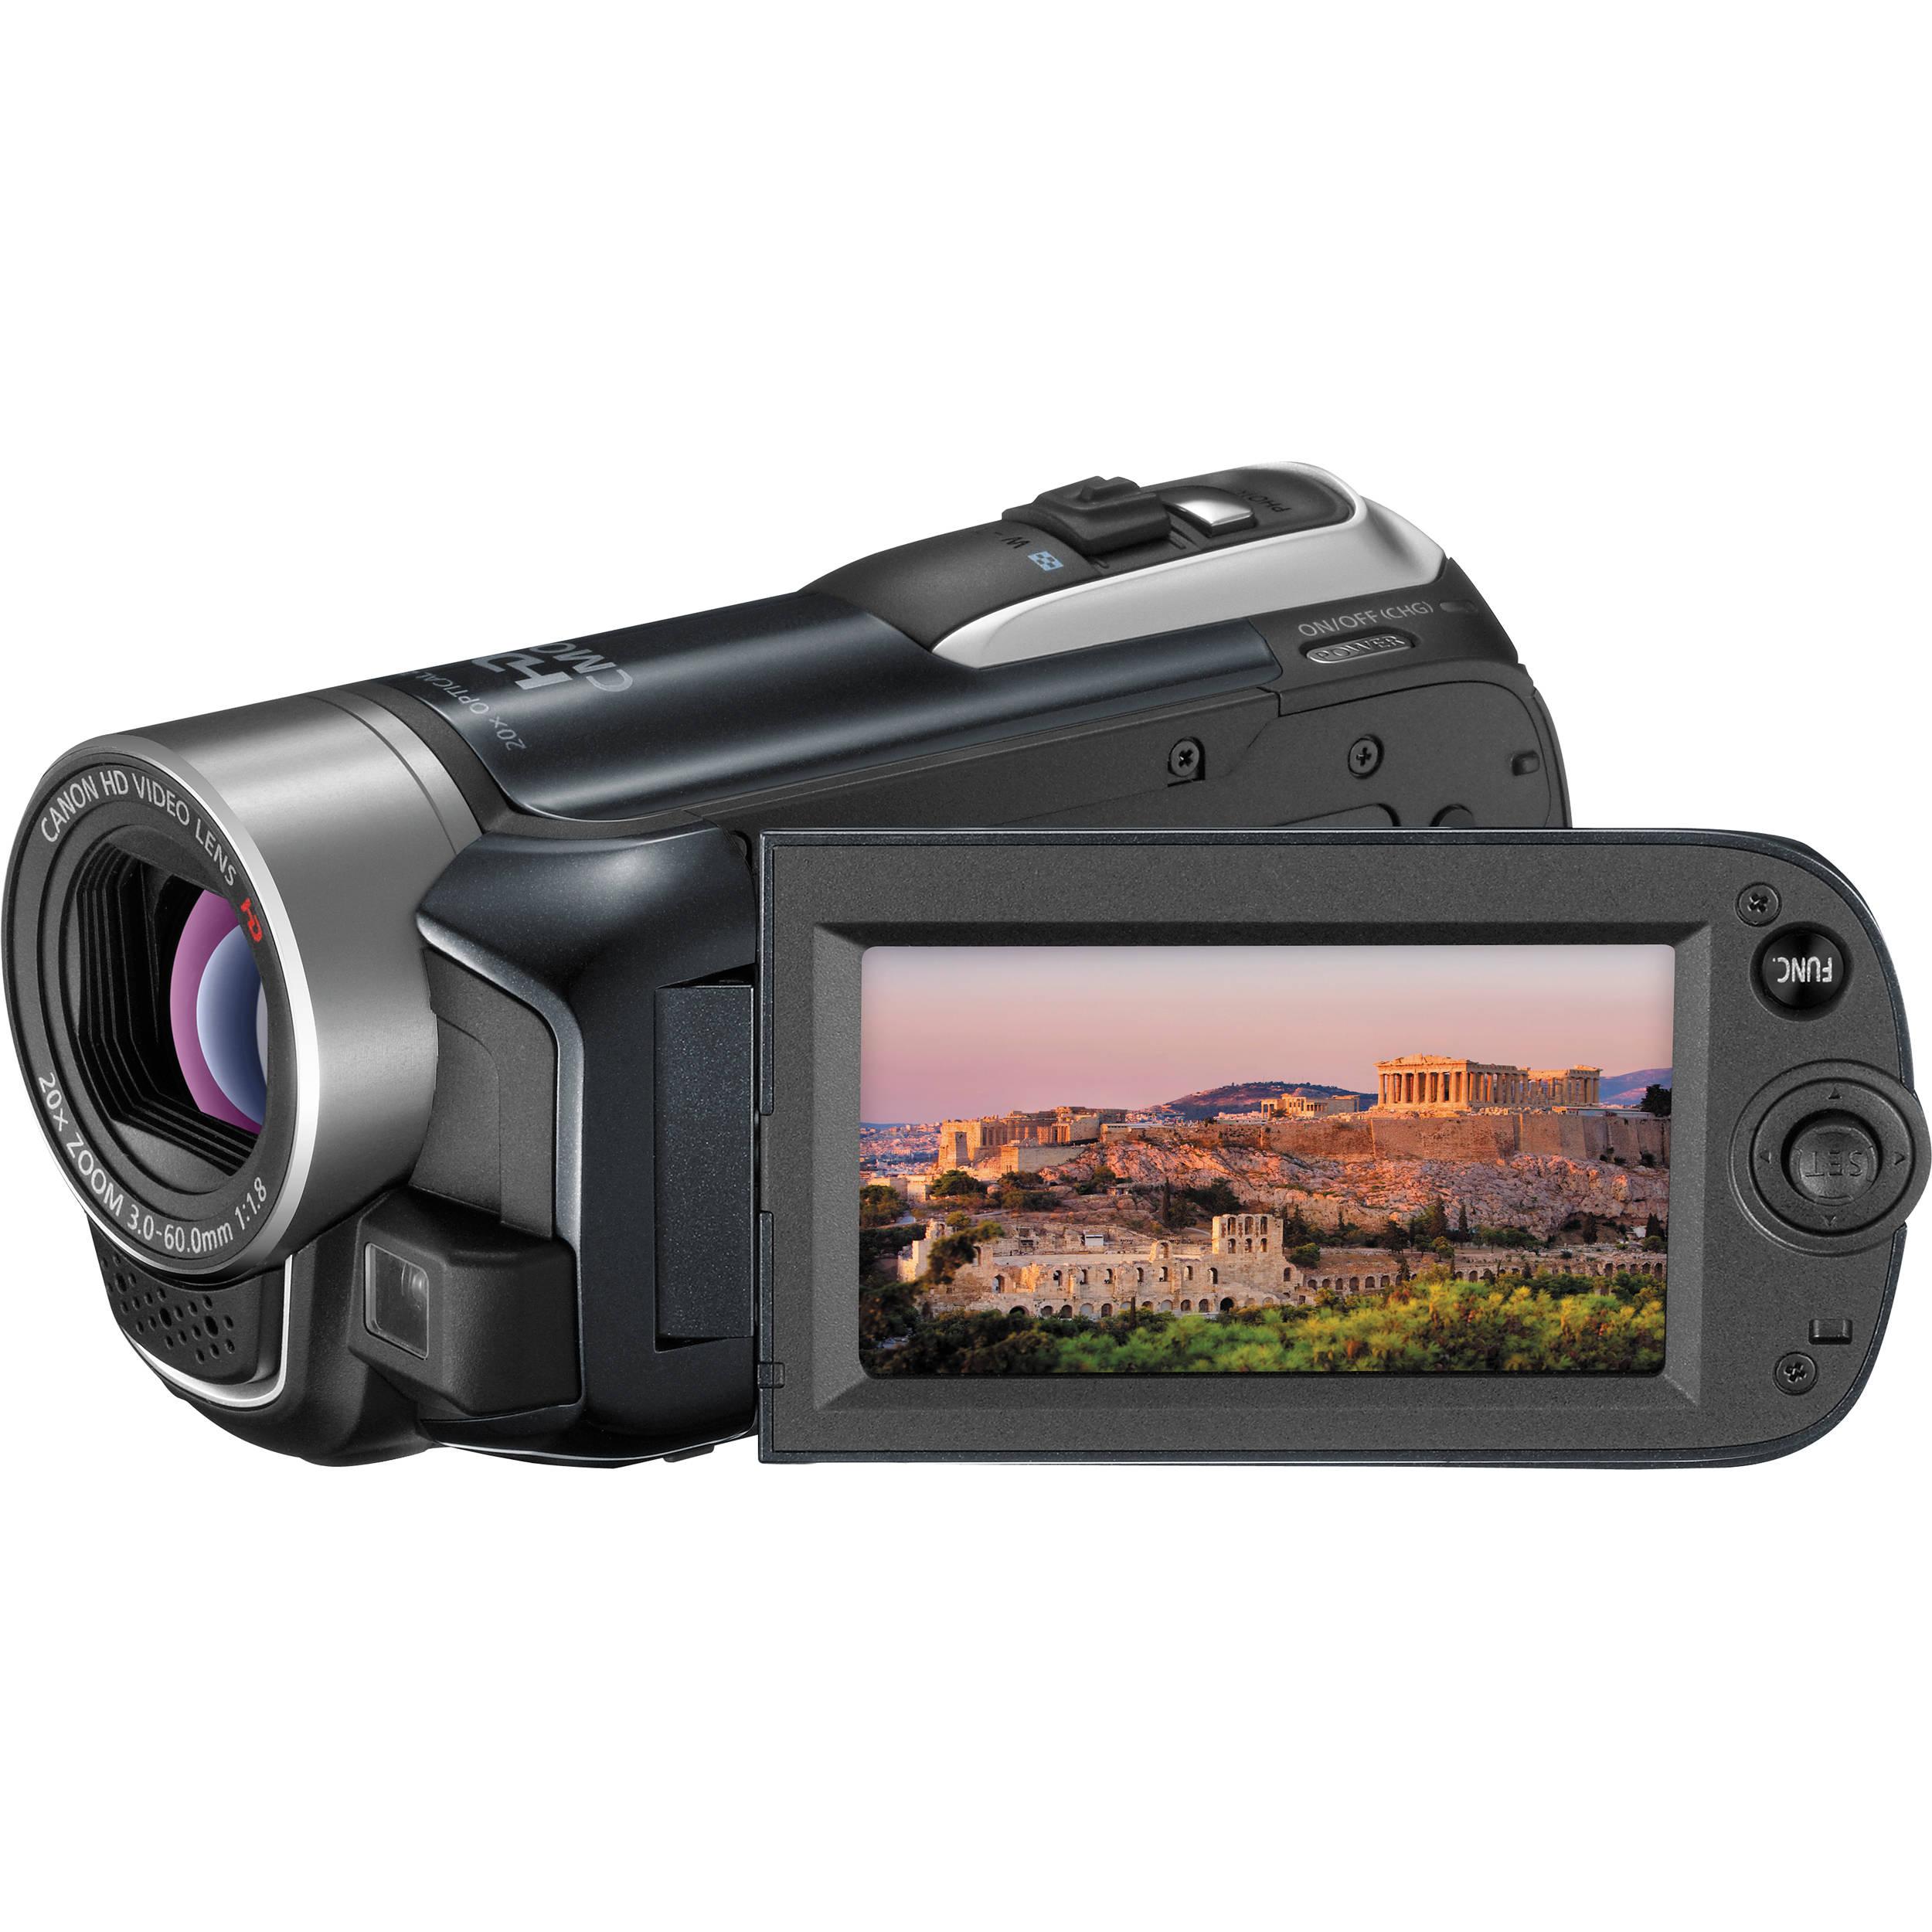 canon vixia hf r11 dual flash memory camcorder black 4383b001 rh bhphotovideo com Canon VIXIA HF R500 Canon VIXIA HF R500